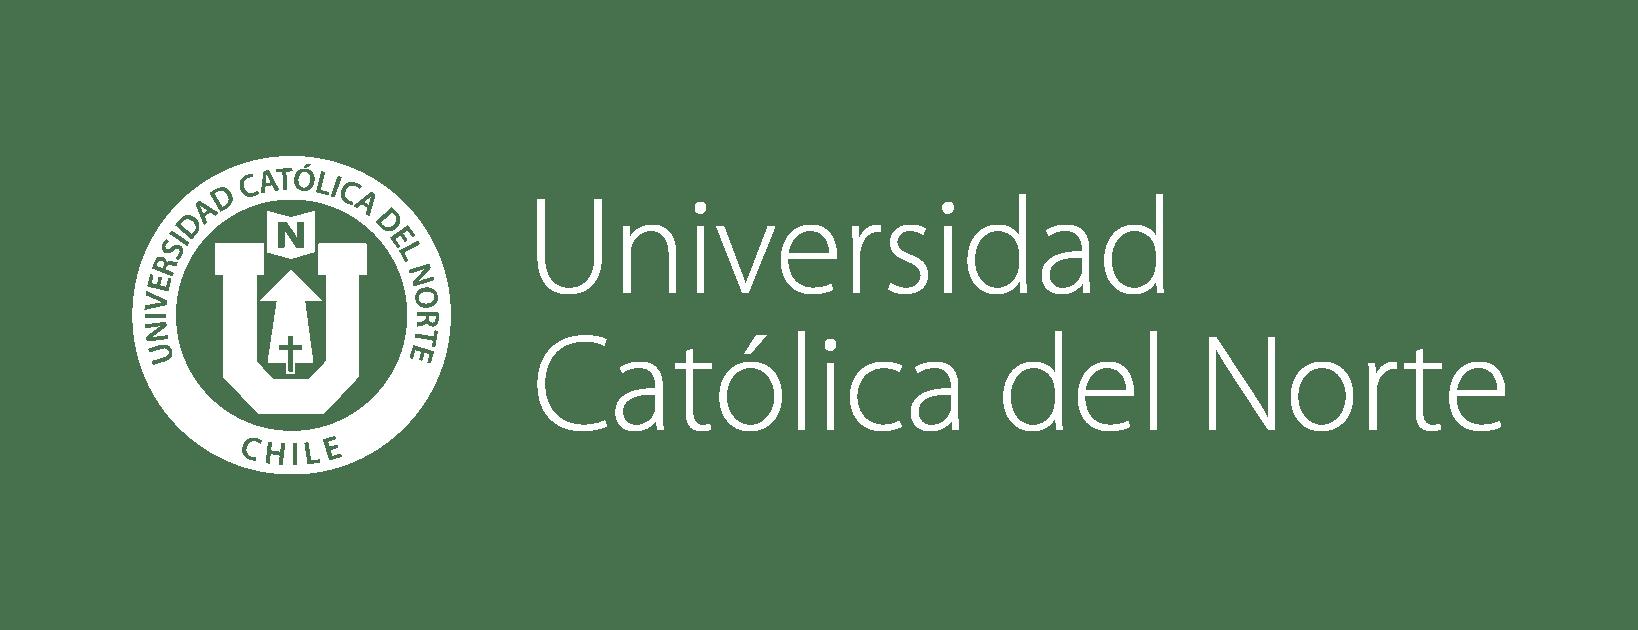 logo_0002_Isologo-UCN-2018